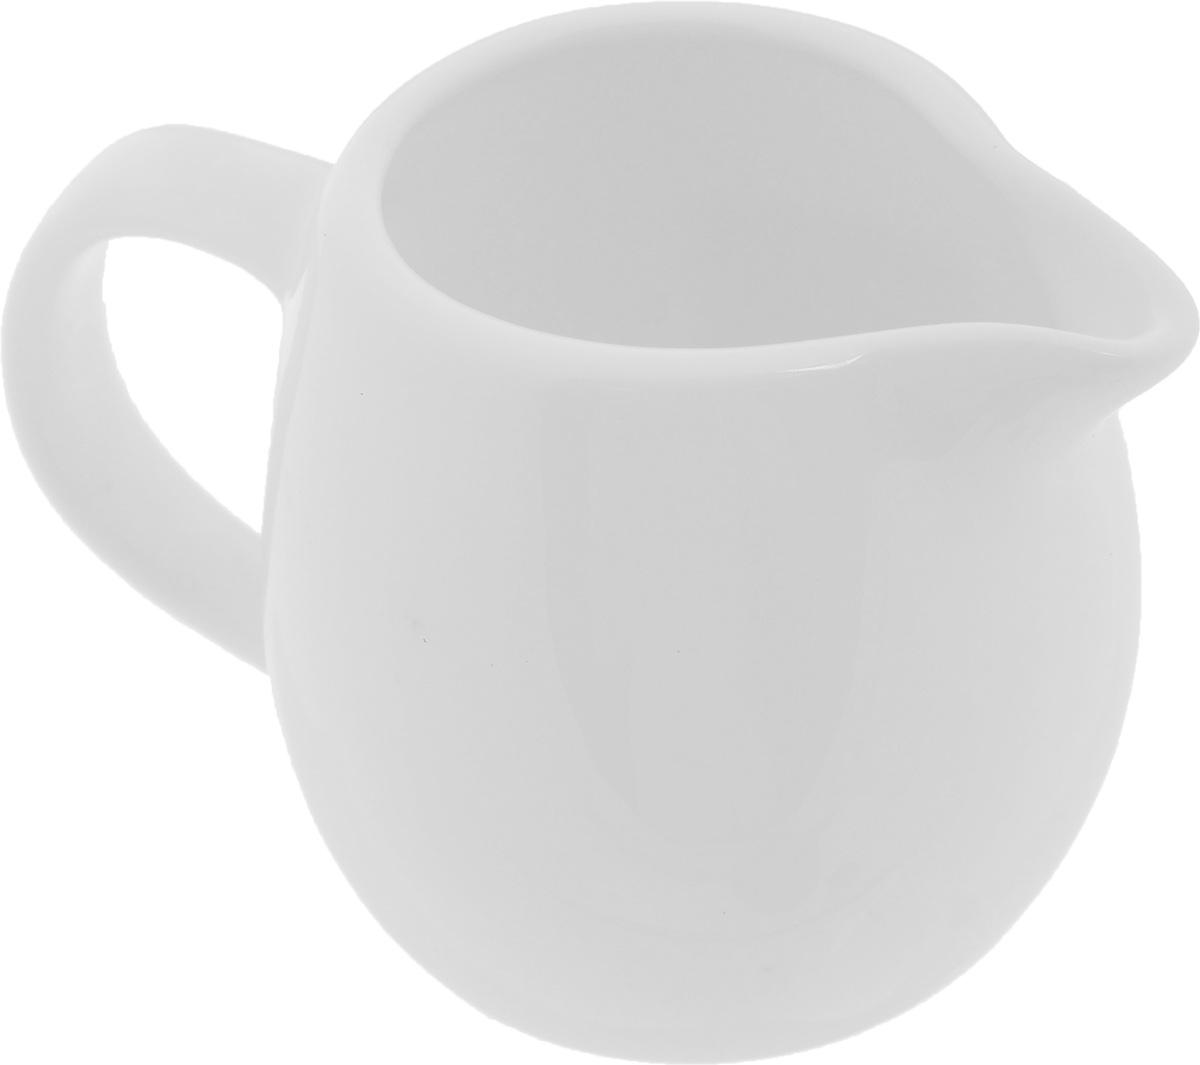 Молочник Wilmax, 150 млWL-995004 / AЭлегантный молочник Wilmax, выполненный из высококачественного фарфора с глазурованным покрытием, предназначен для подачи сливок, соуса и молока. Изящный, но в тоже время простой дизайн молочника, станет прекрасным украшением стола. Диаметр молочника по верхнему краю: 4,5 см.Ширина молочника (с учетом ручки и носика): 9,5 см.Высота молочника: 6,5 см.